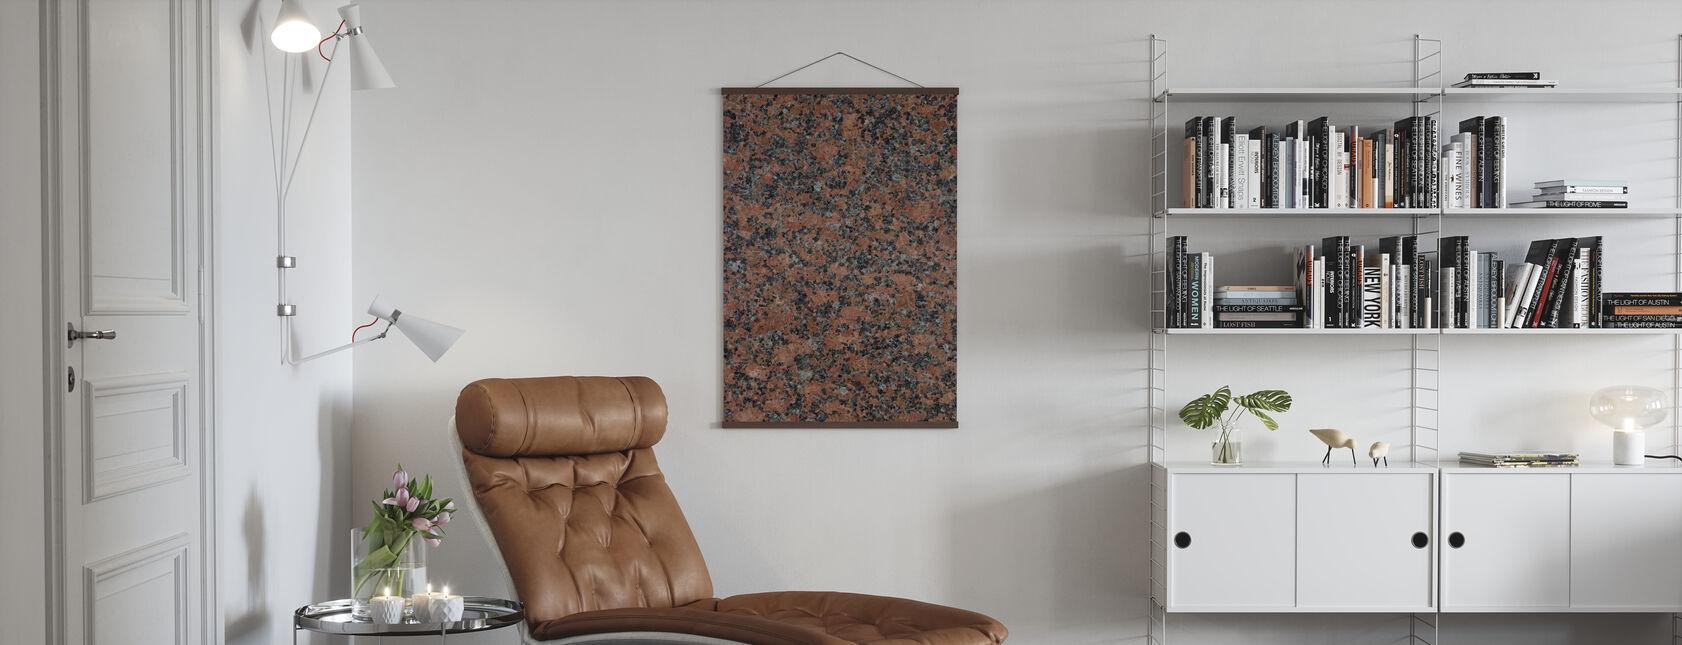 Svart och brun granit - Poster - Vardagsrum